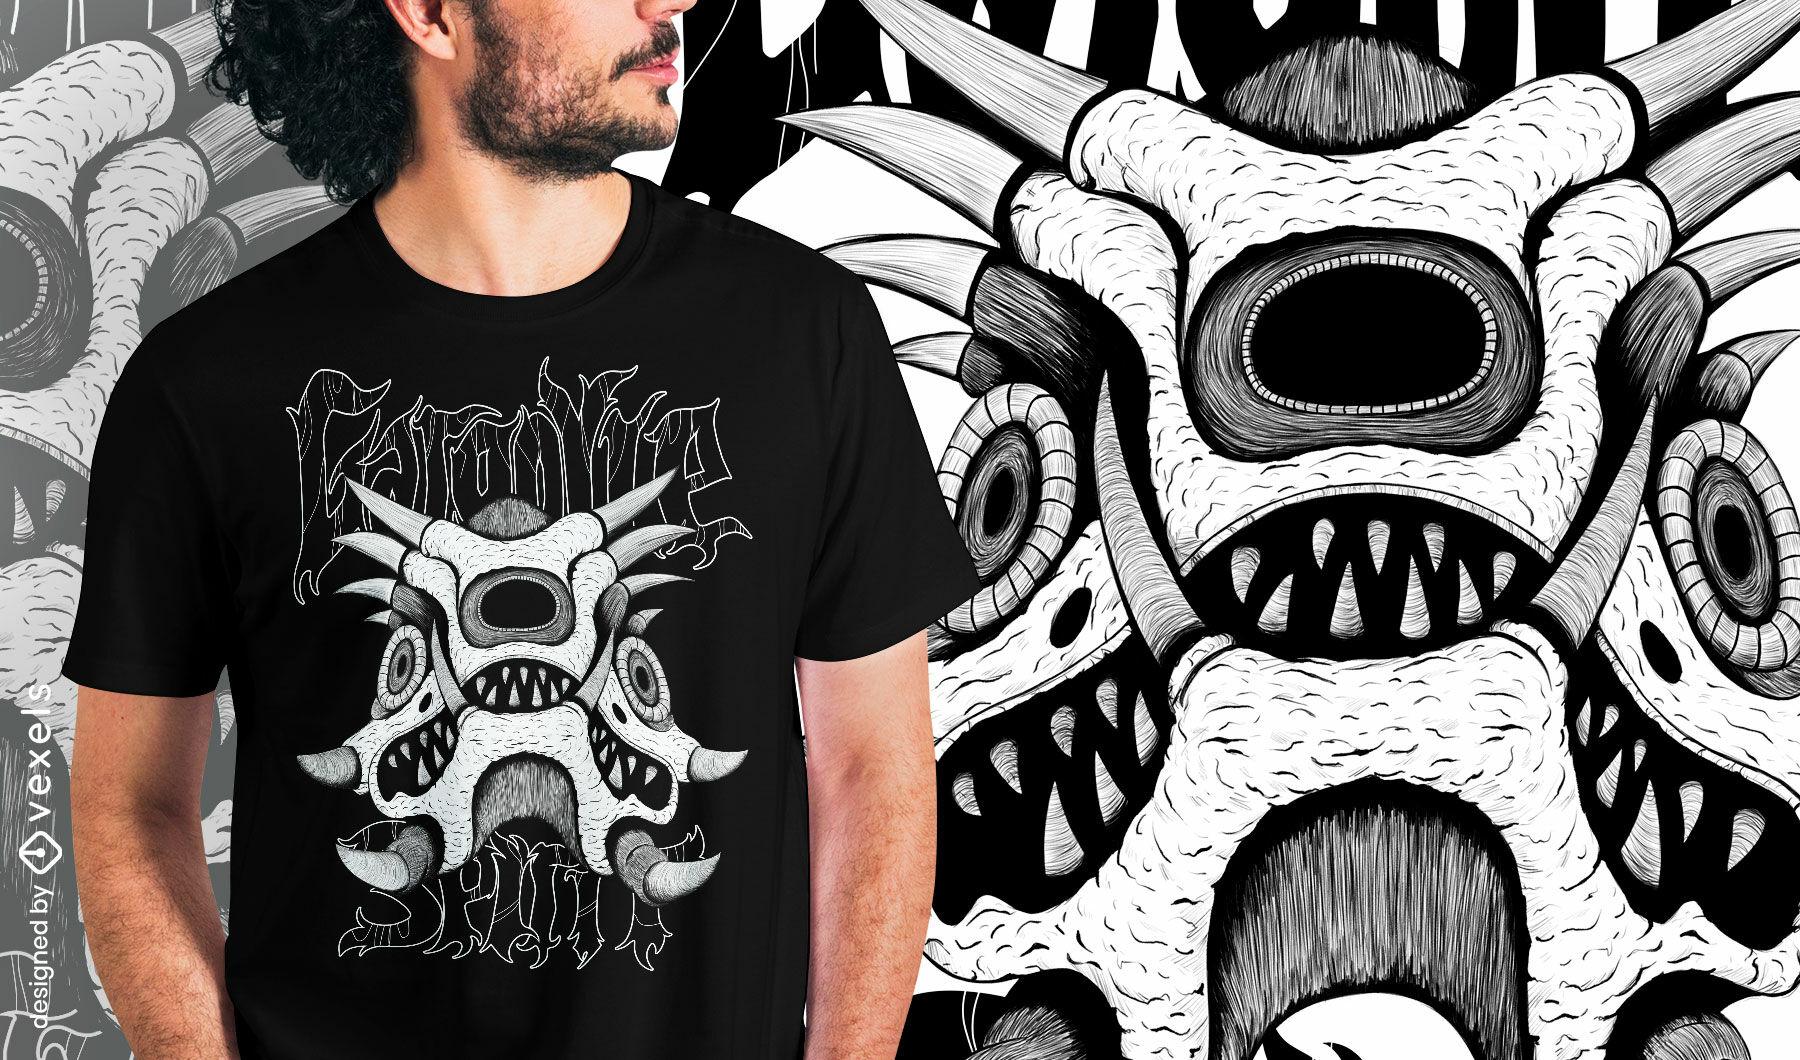 Camiseta dibujada a mano del esp?ritu del monstruo de la g?rgola psd